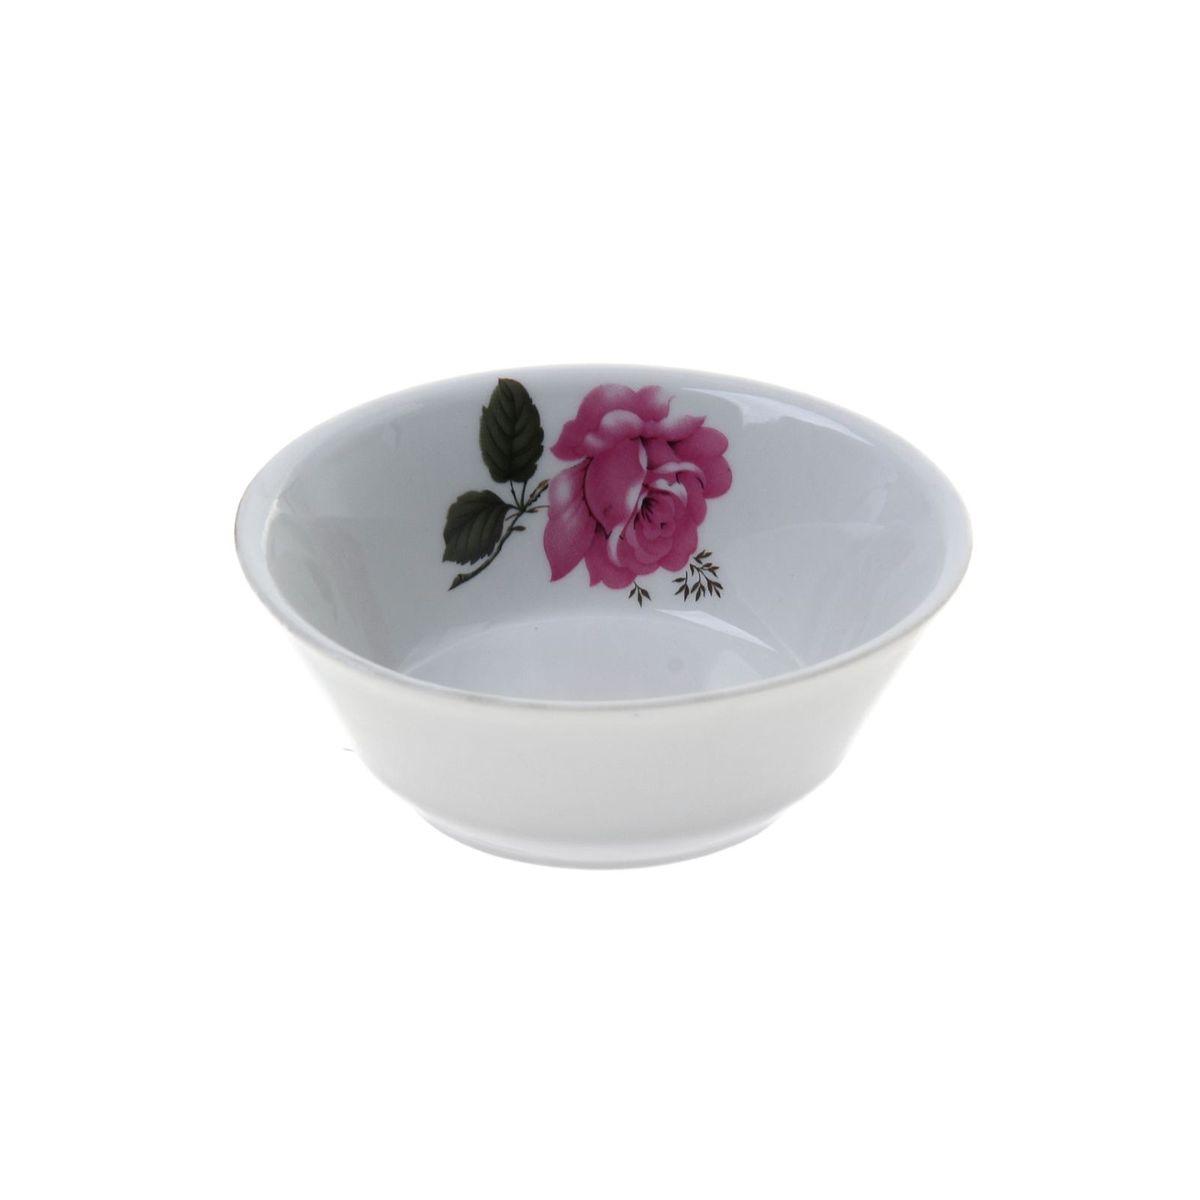 Салатник Добрушский фарфоровый завод изготовлен из высококачественного фарфора и оформлен изображением цветка.  Такой салатник украсит сервировку вашего стола и подчеркнет прекрасный вкус хозяина, а также станет отличным подарком.